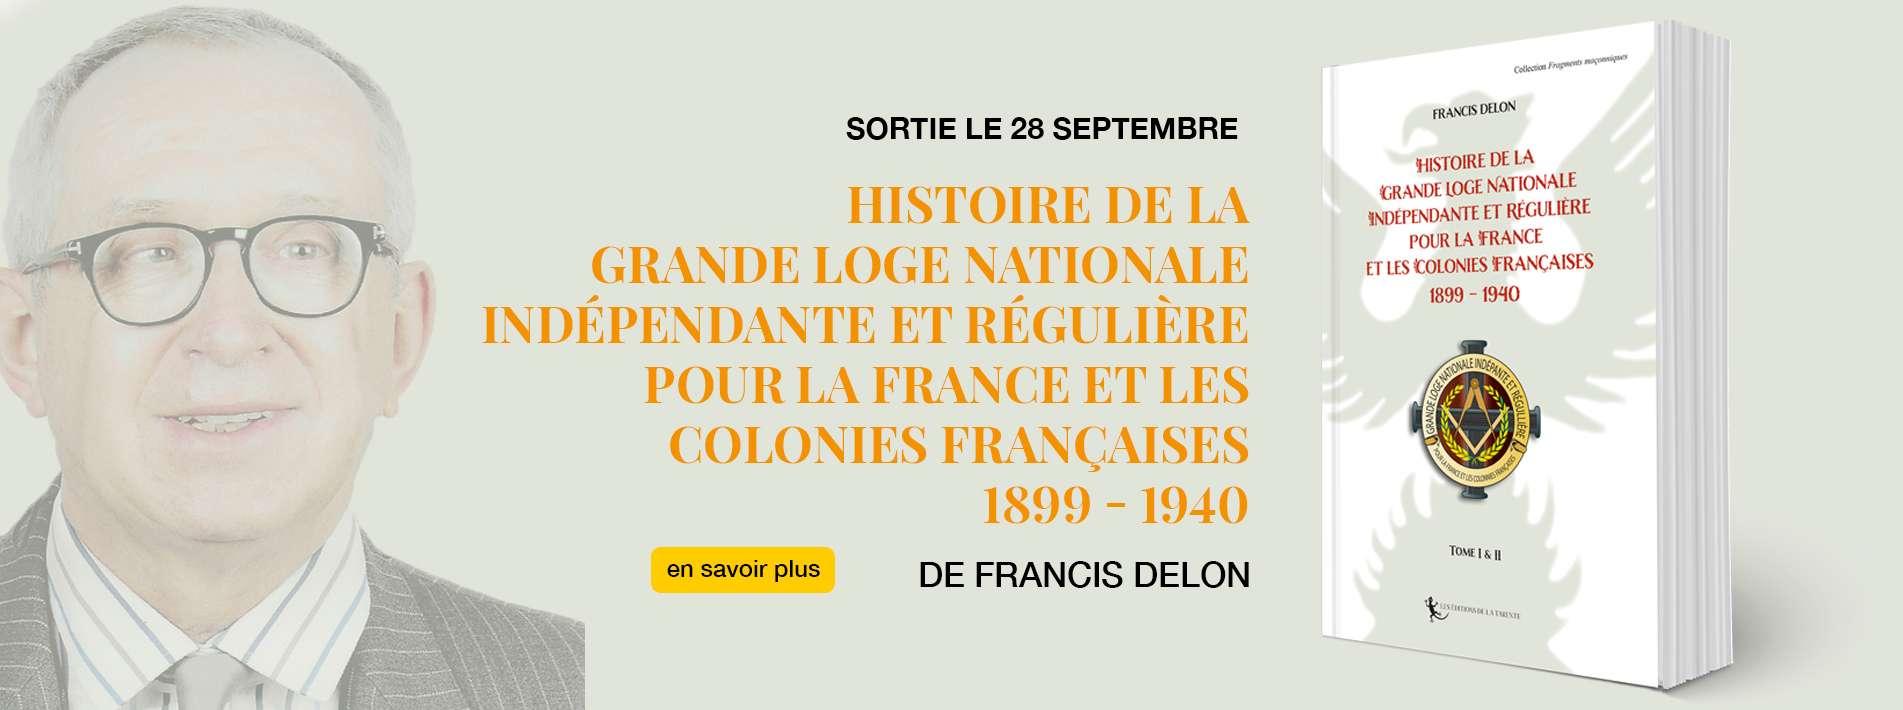 Histoire de la Grande Nationale Indépendante et Régulière pour la France et les Colonies Française